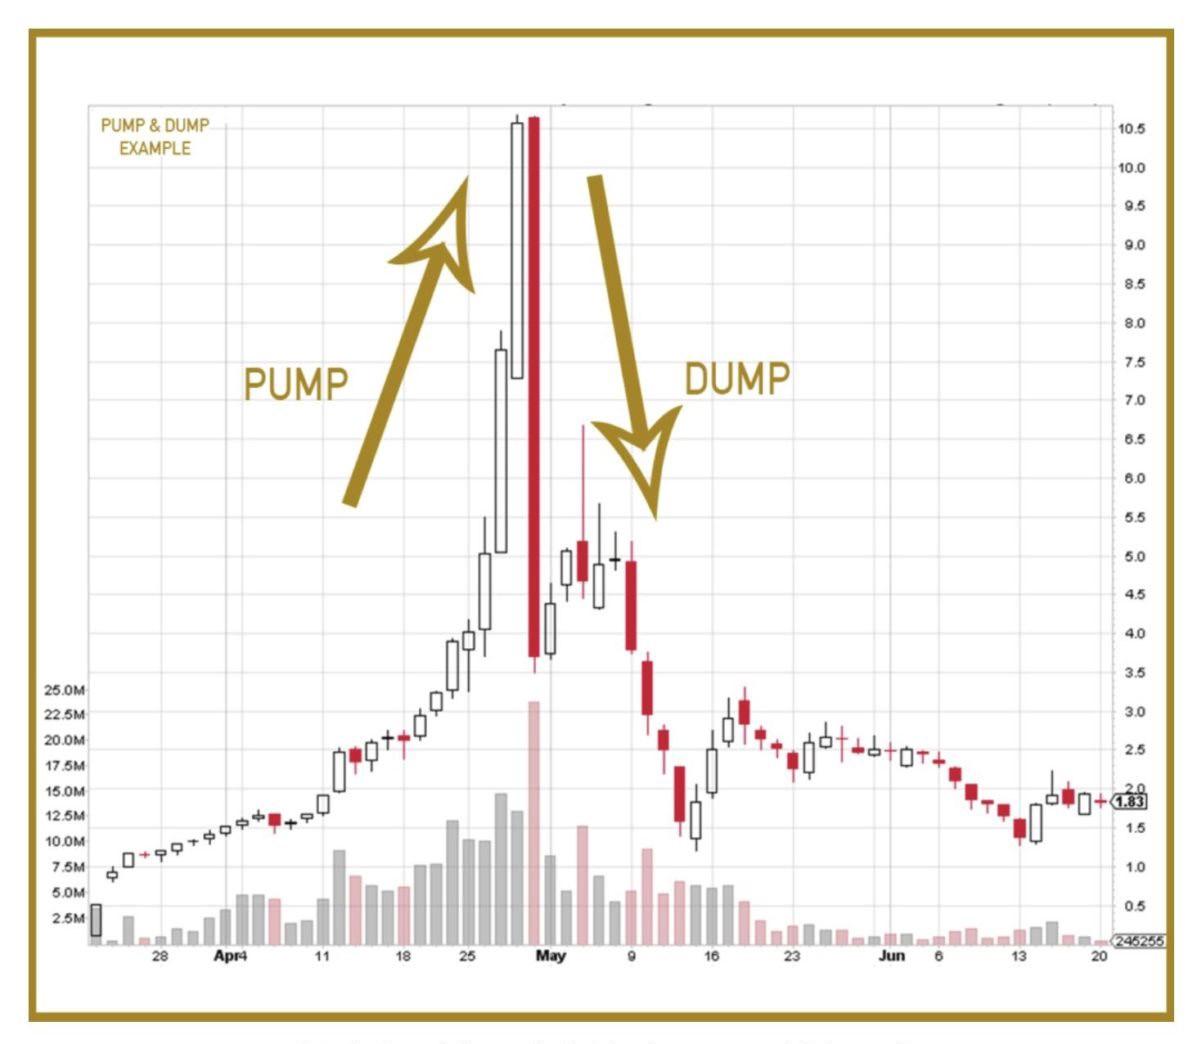 نمودار یک طرح پامپ و دامپ نمونه